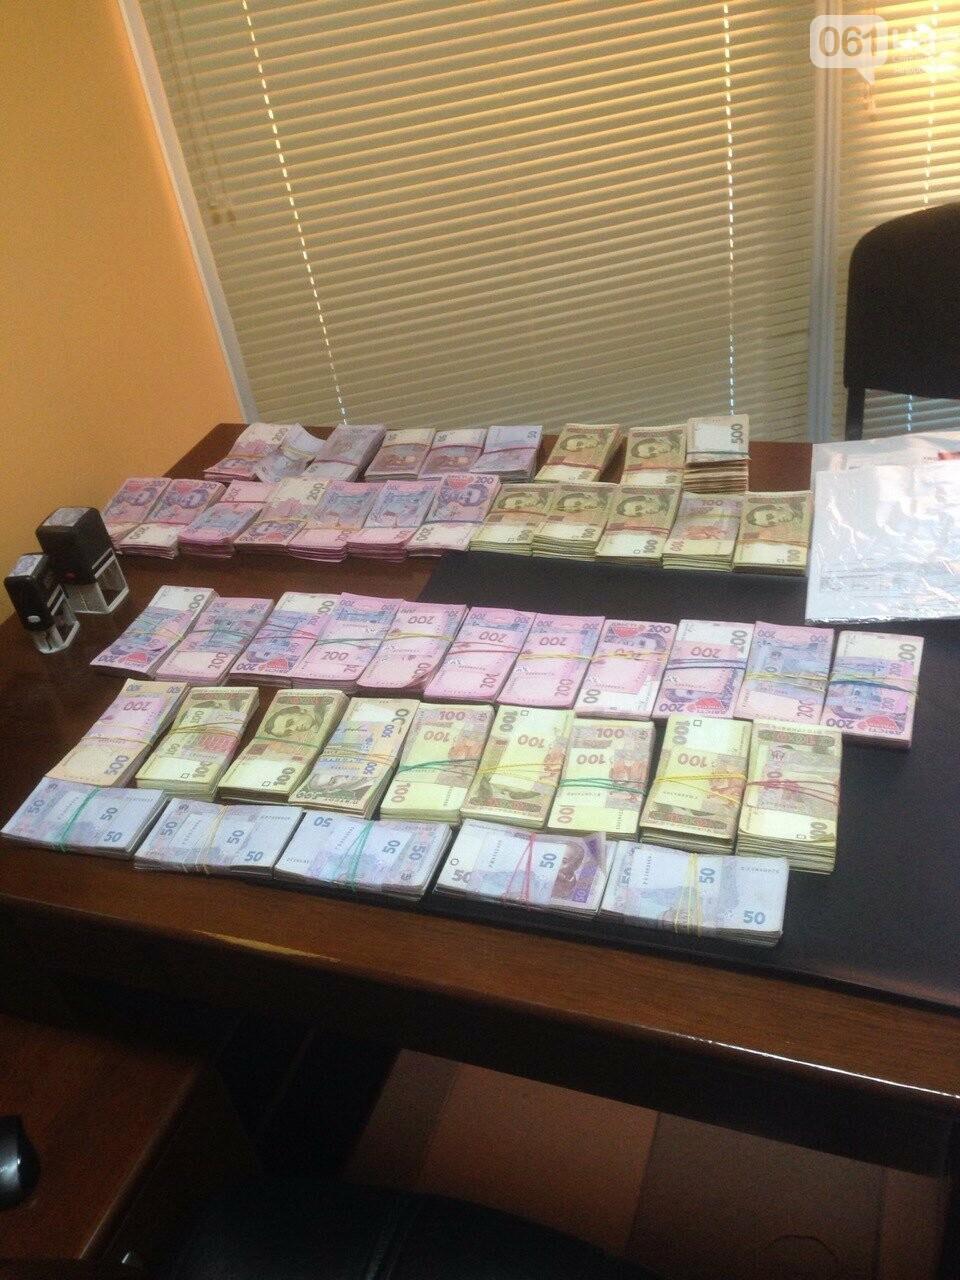 В Запорожье правоохранители арестовали авто и недвижимость организатора конвертационного центра, - ФОТО, фото-2